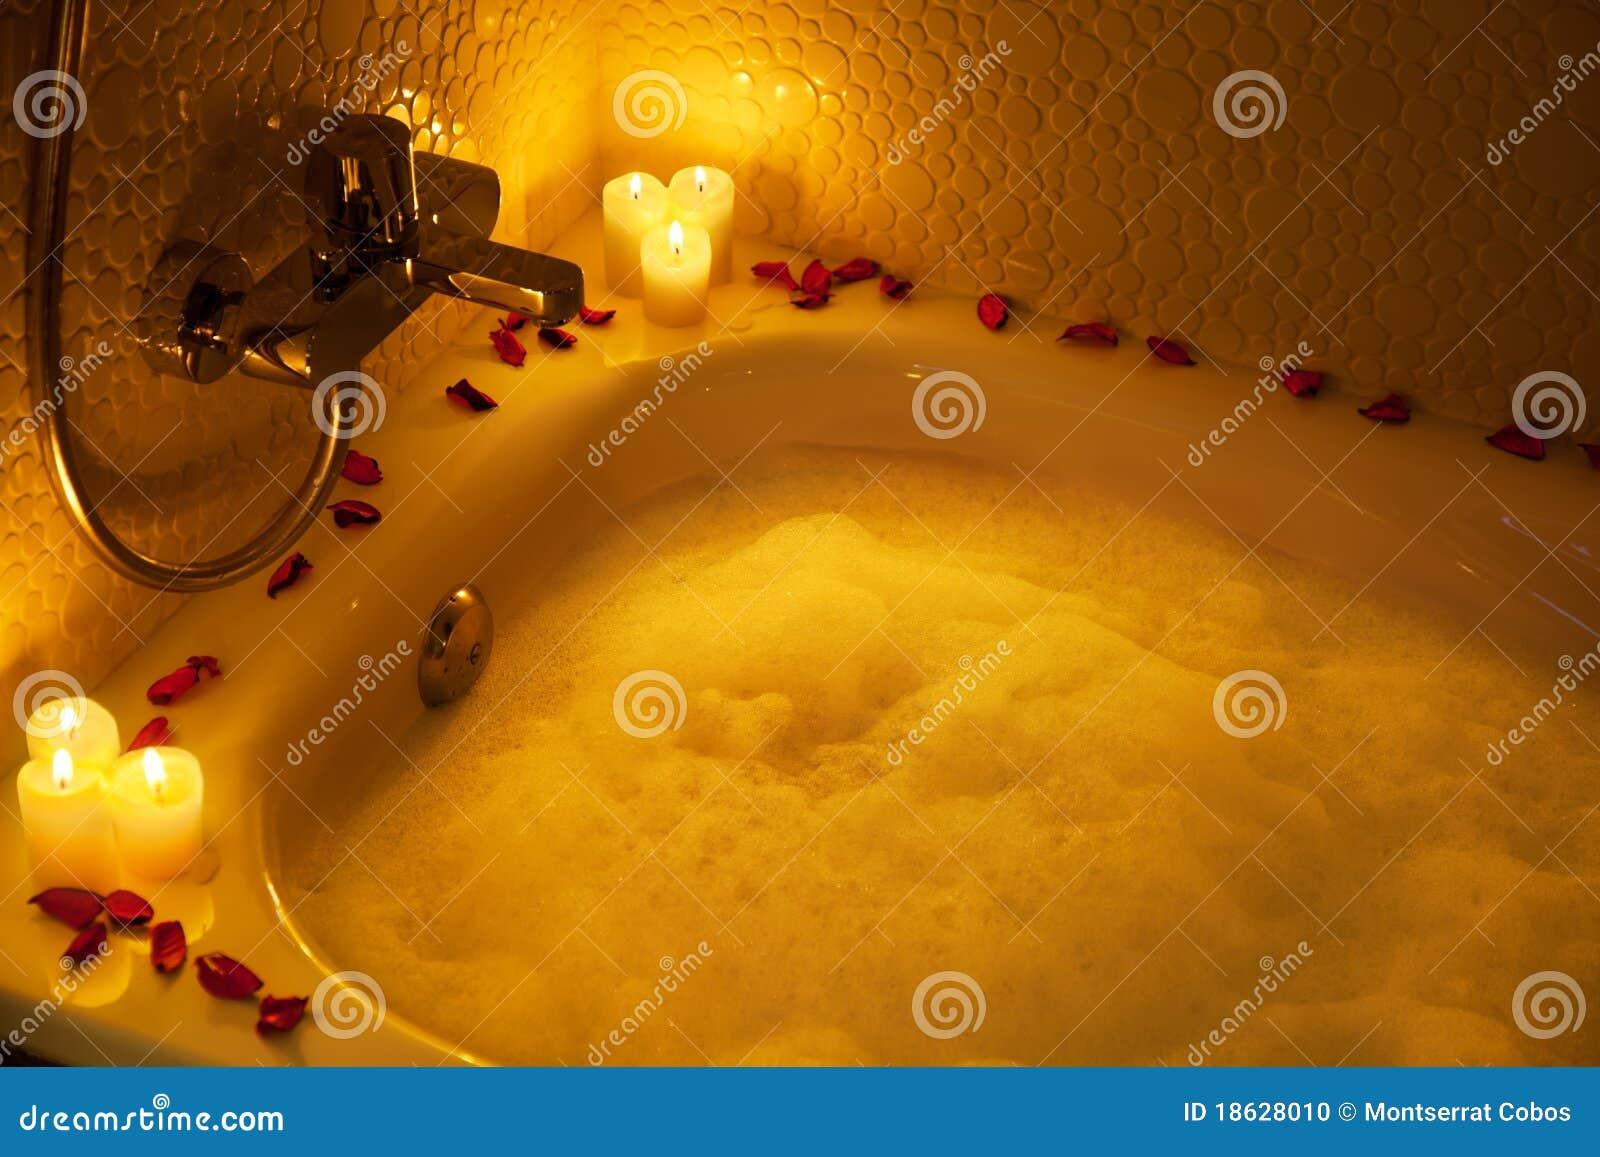 romantische badewanne stockfoto bild 18628010. Black Bedroom Furniture Sets. Home Design Ideas